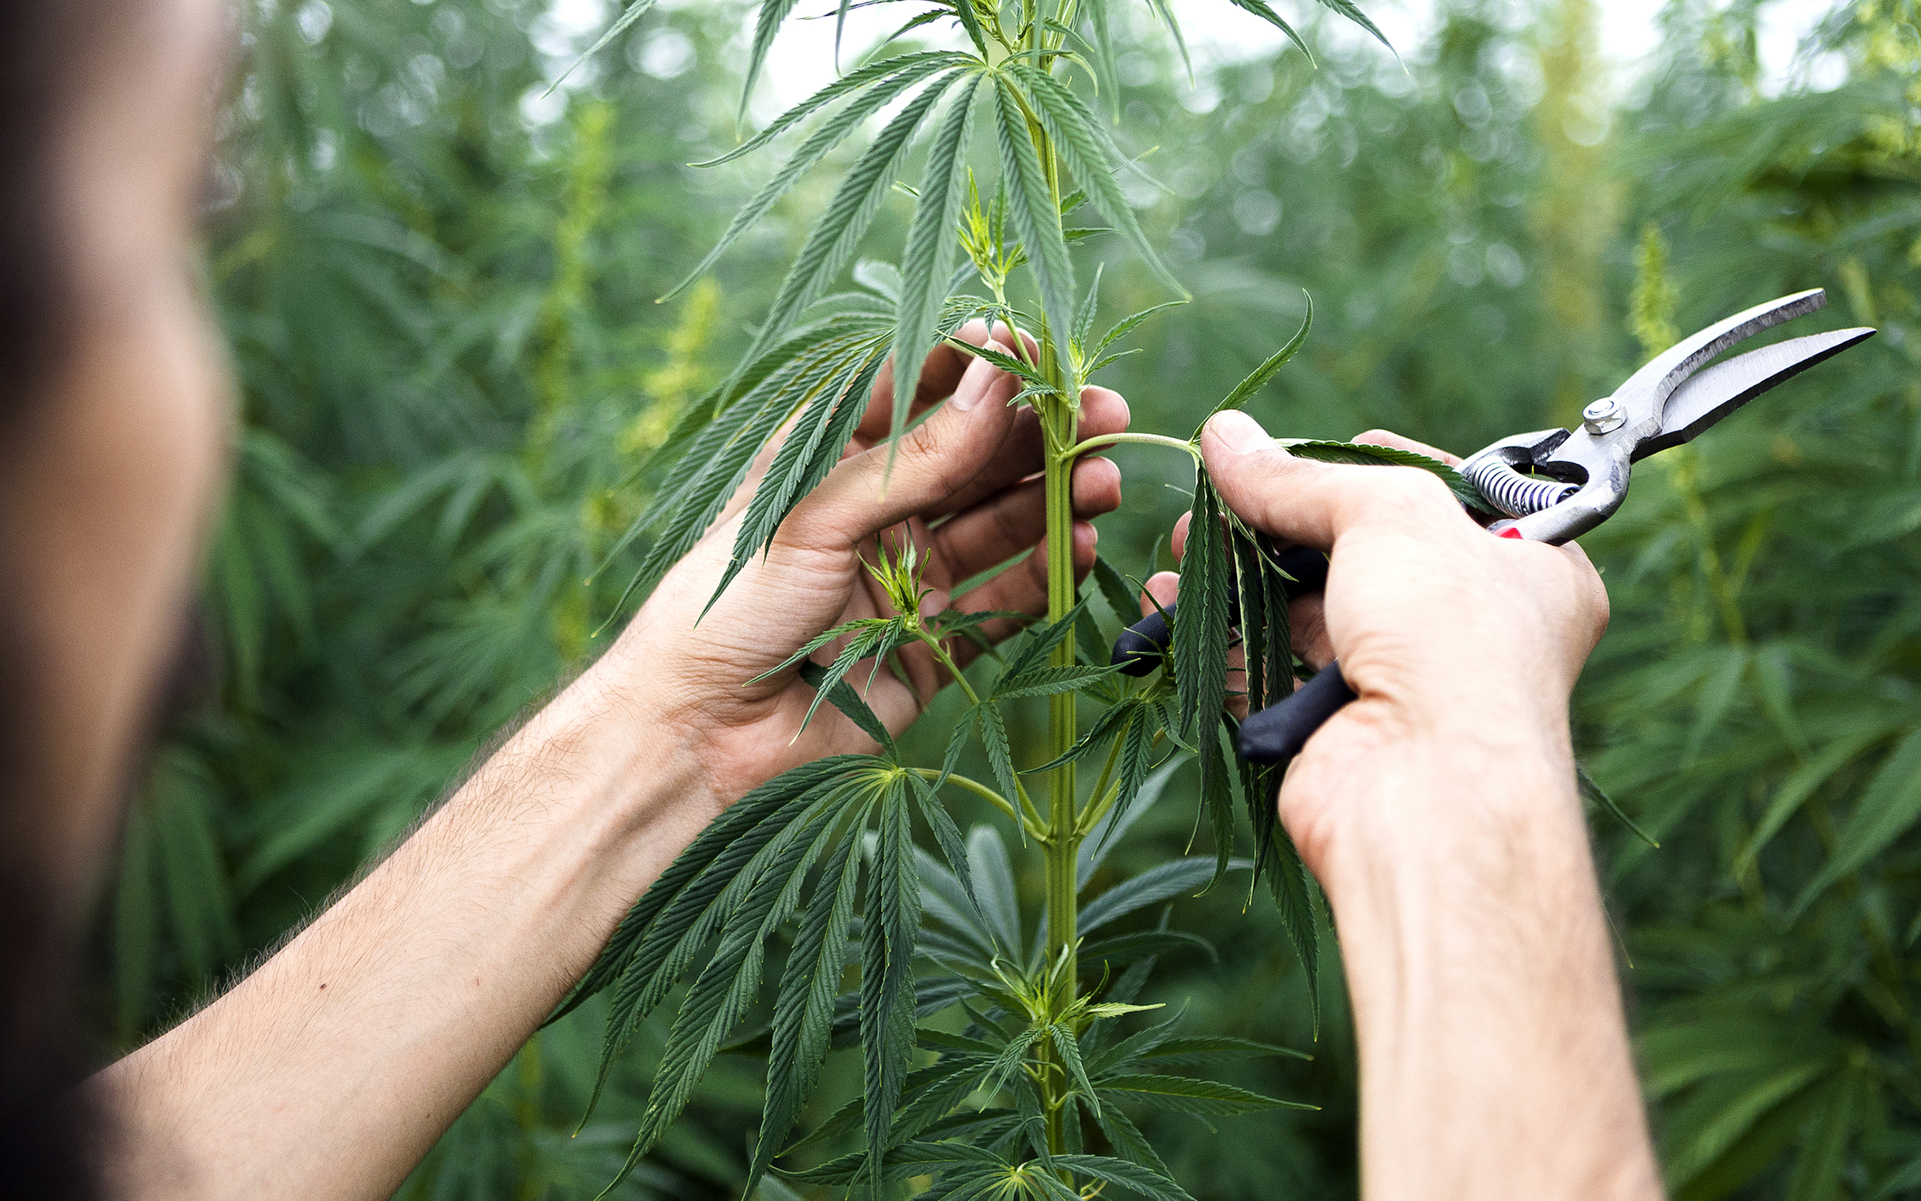 tips-for-growing-industrial-hemp.jpg